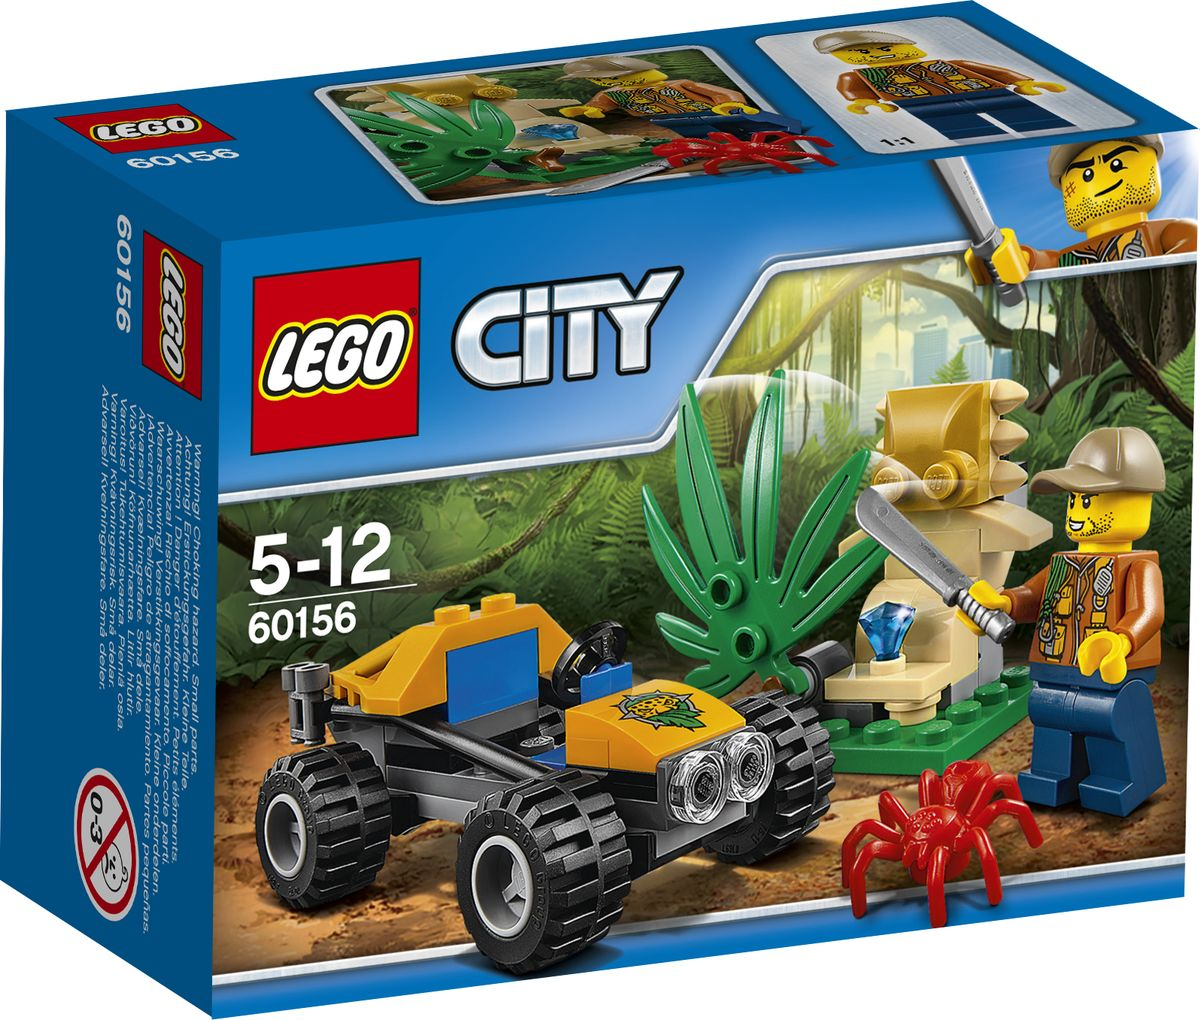 LEGO City Jungle Explorer Конструктор Багги для поездок по джунглям 60156 конструкторы lego lego city jungle explorer база исследователей джунглей 60161